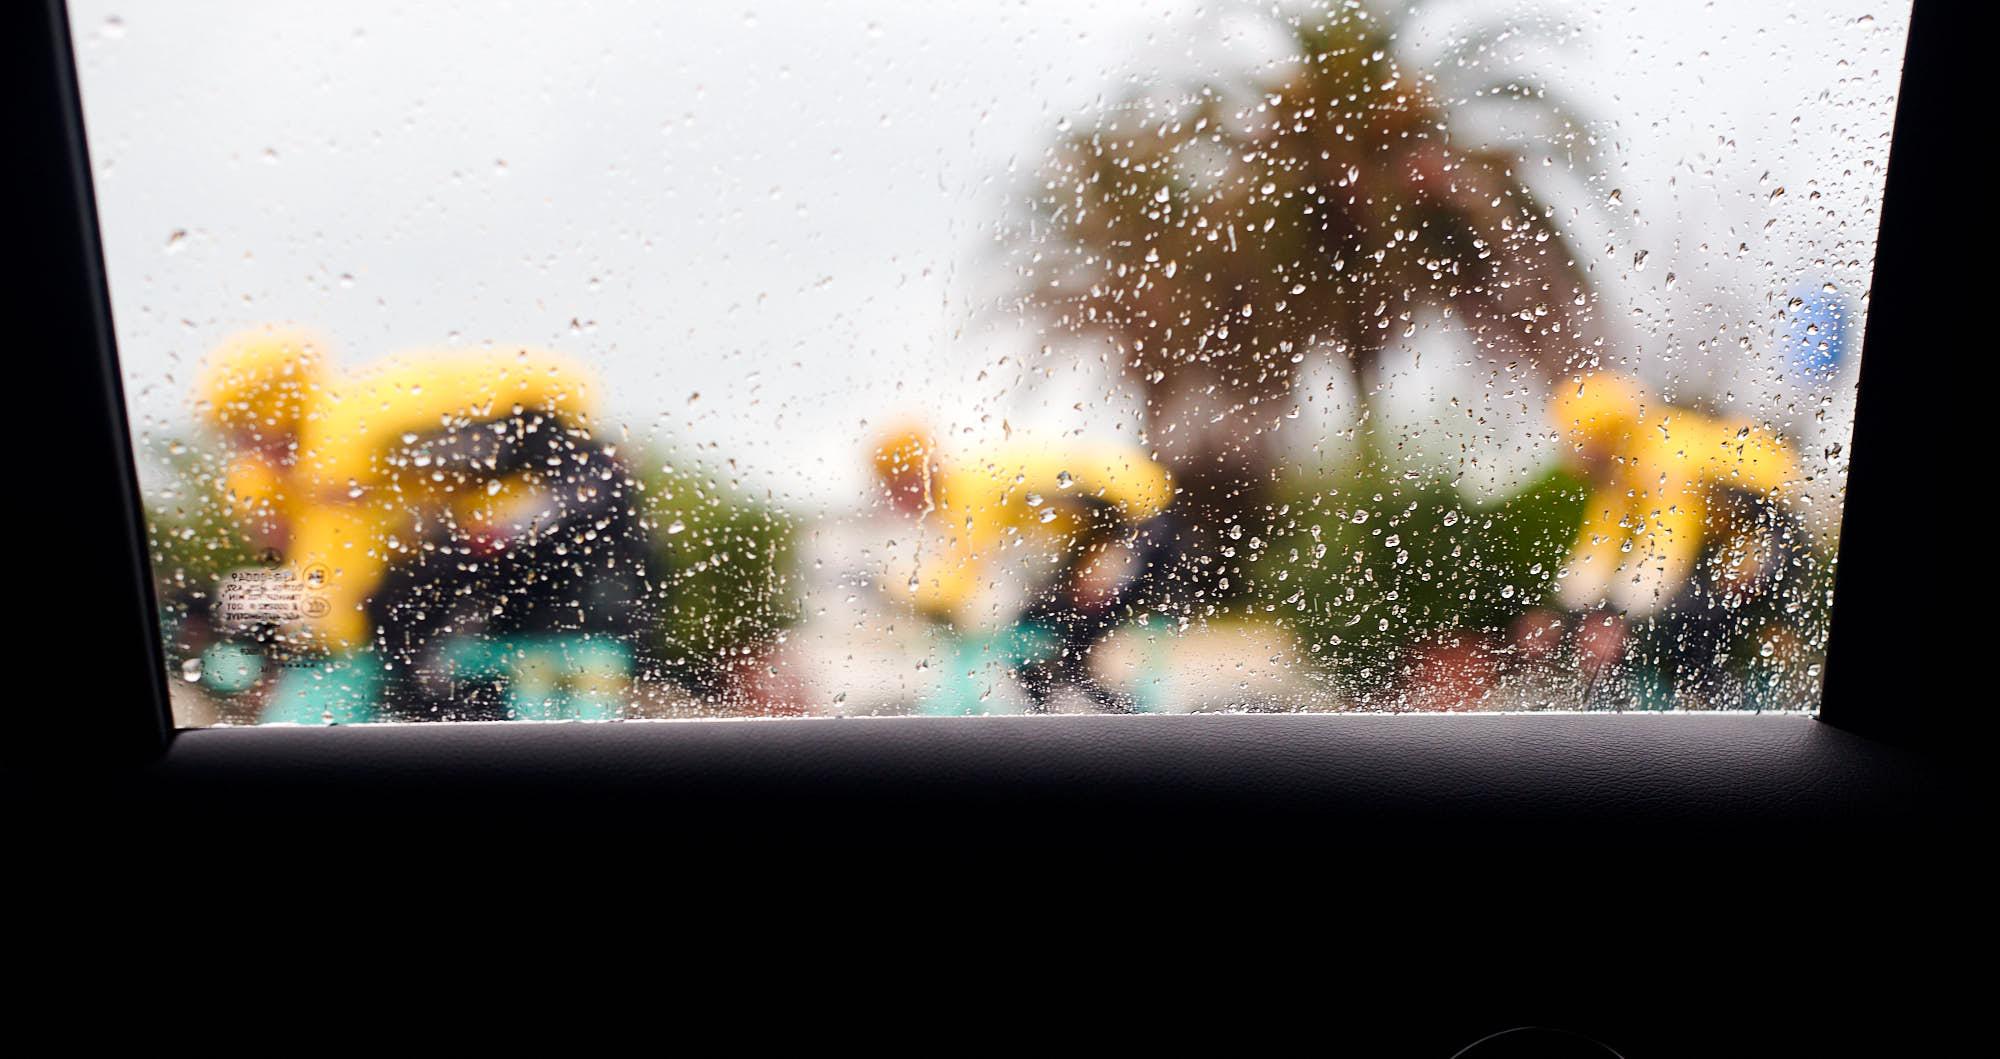 Rainy car window with cyclists